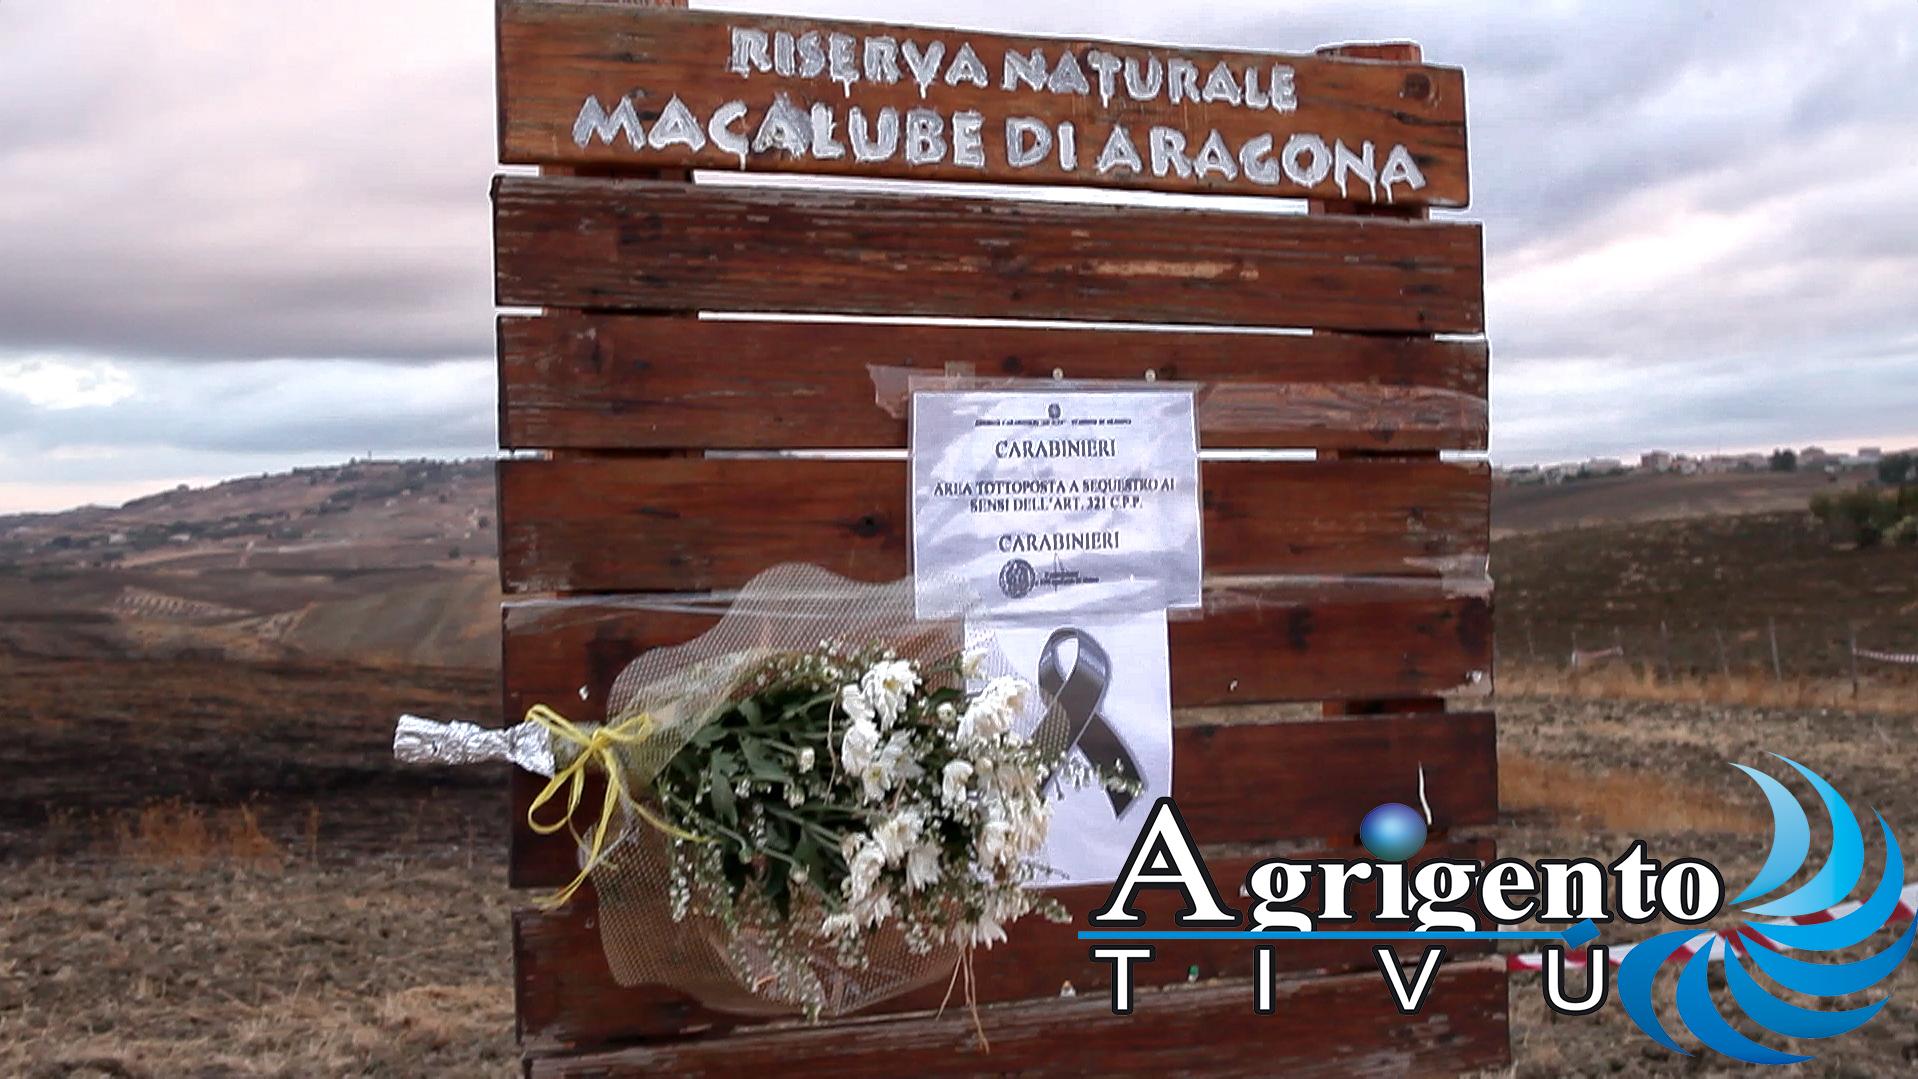 Tragedia Macalube, la Procura nomina un consulente tecnico